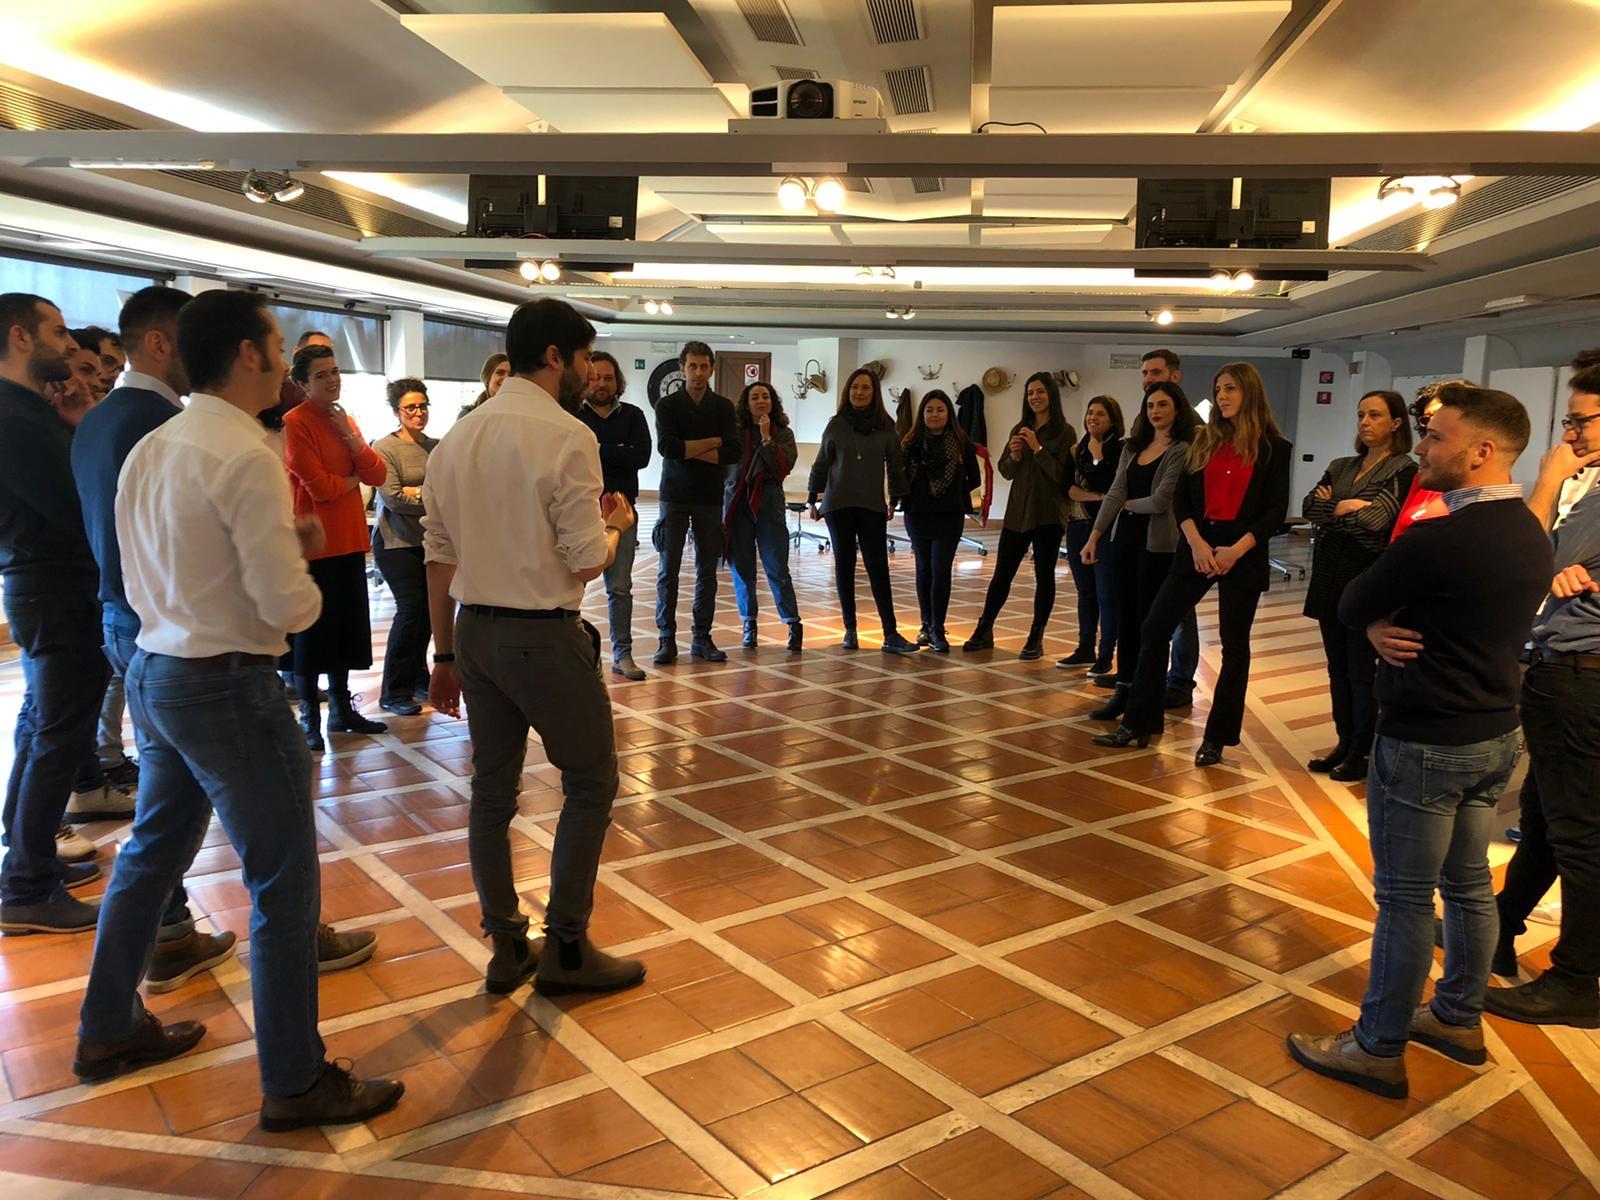 LYKAN. I teatranti che fanno formazione per scuole, aziende e imprese